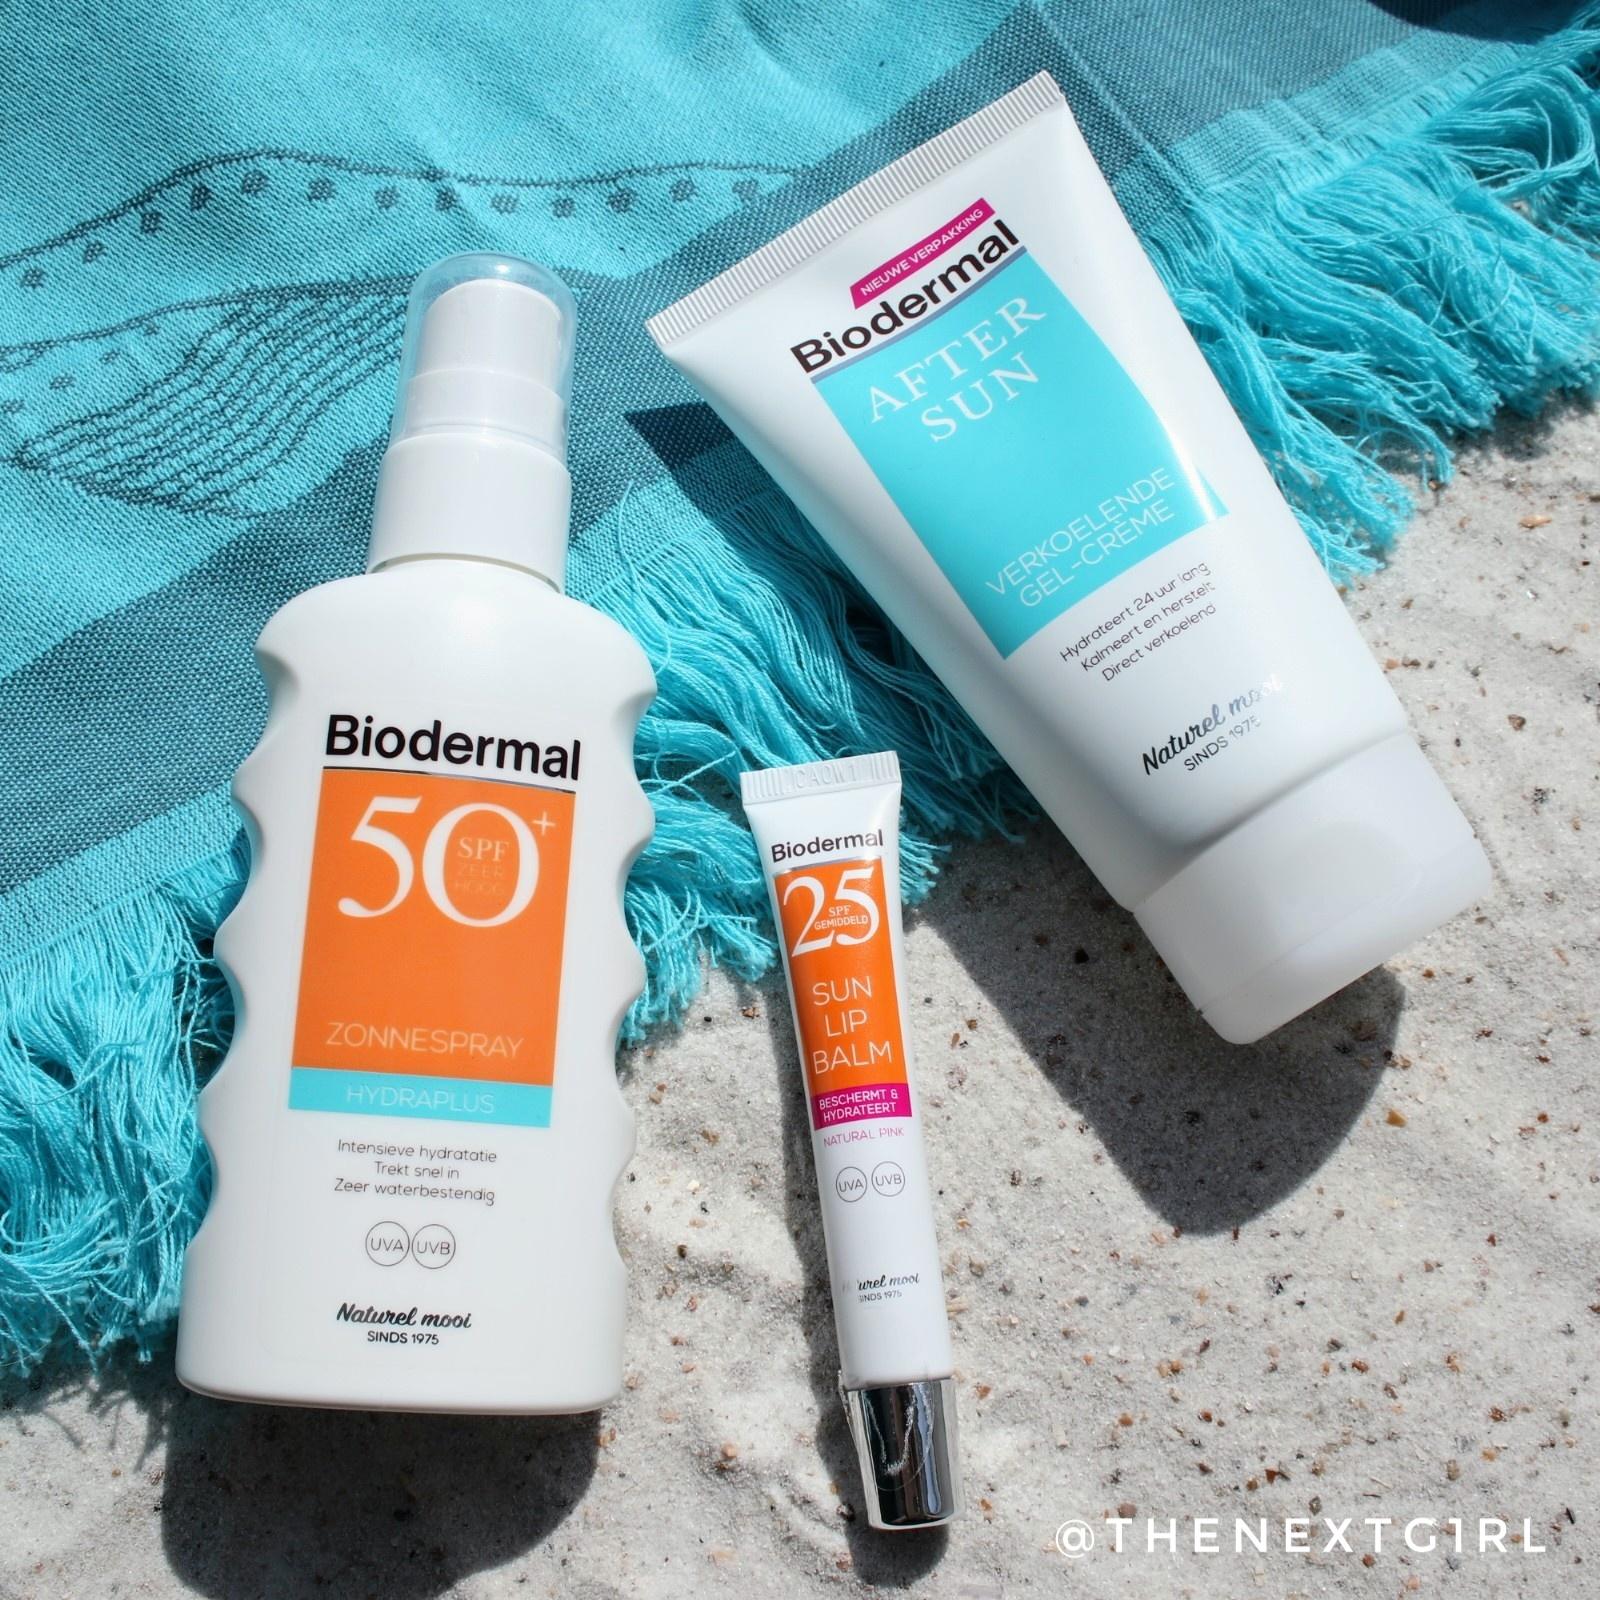 Review: Veilig in de zon met Biodermal